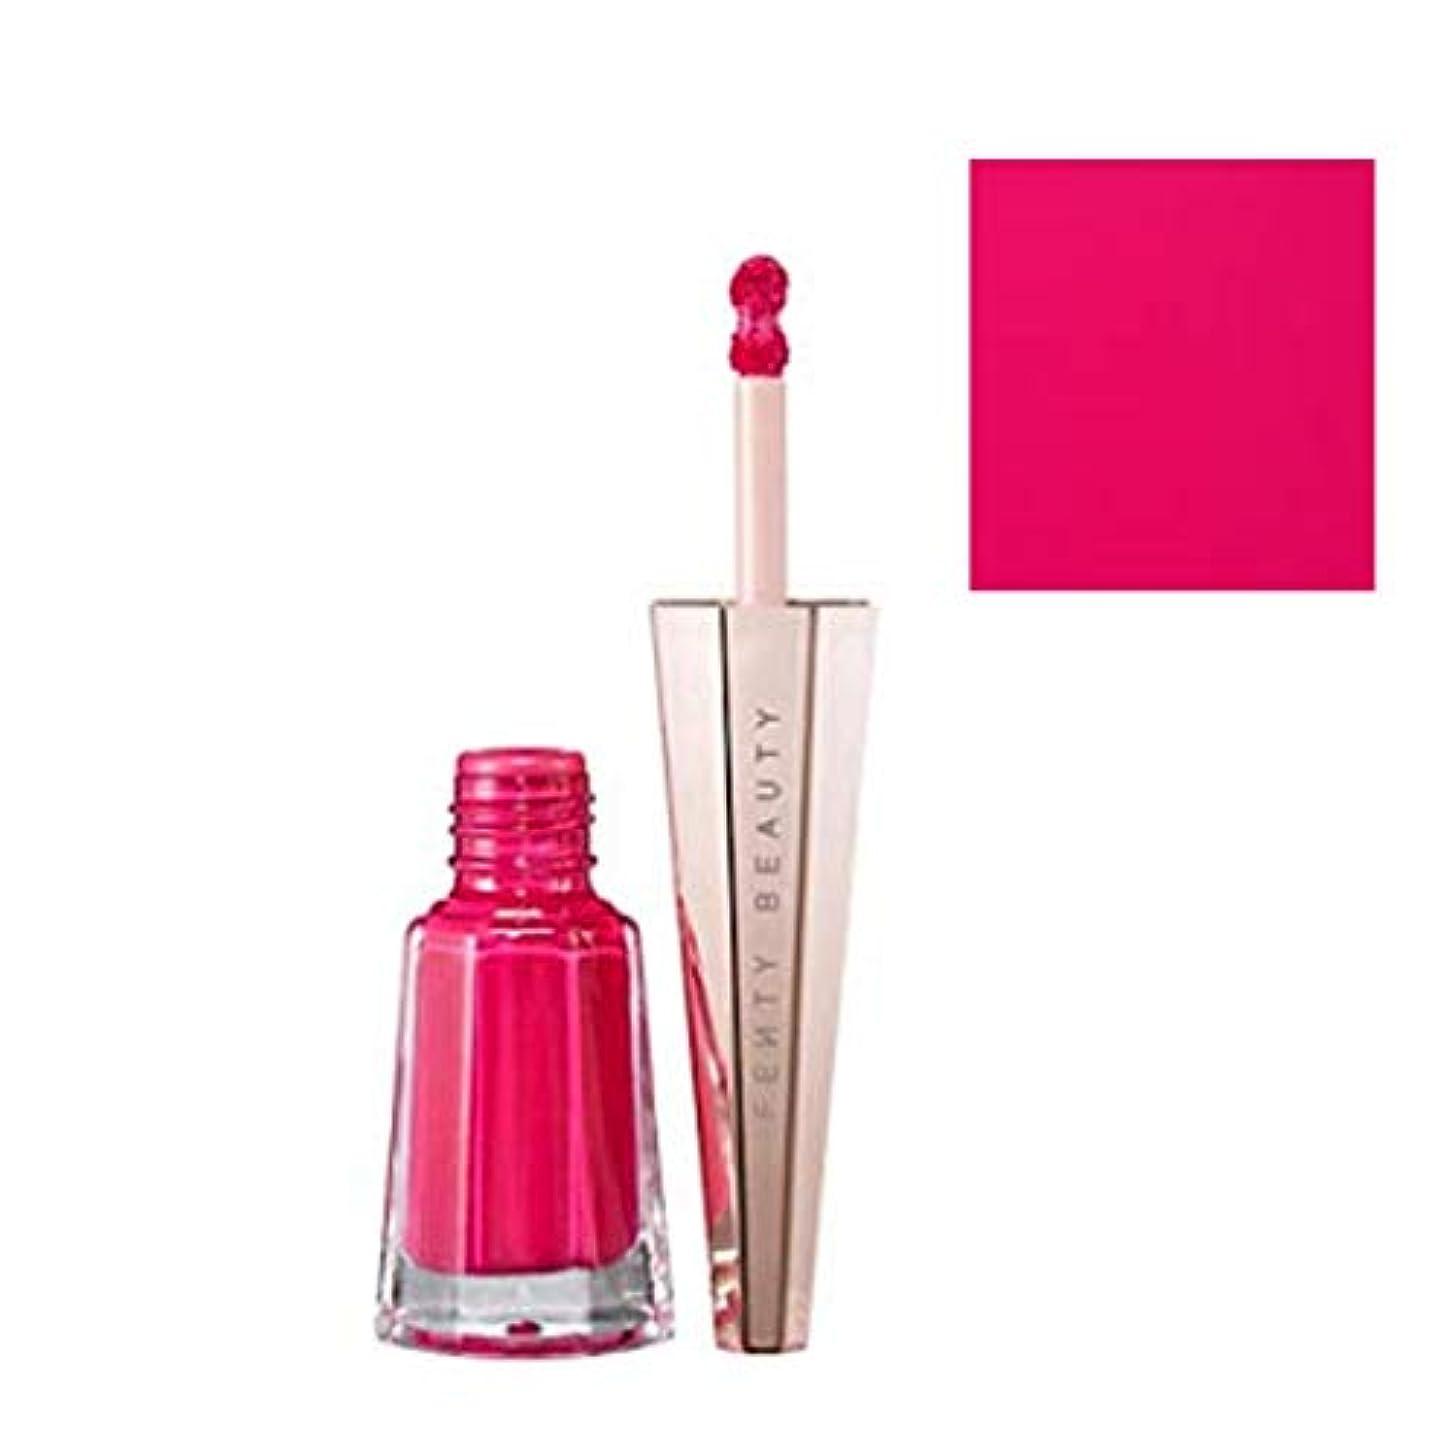 レーダーガラスストラトフォードオンエイボンFENTY BEAUTY BY RIHANNA Stunna Lip Paint Longwear Fluid Lip Color -Unlocked [海外直送品] [並行輸入品]